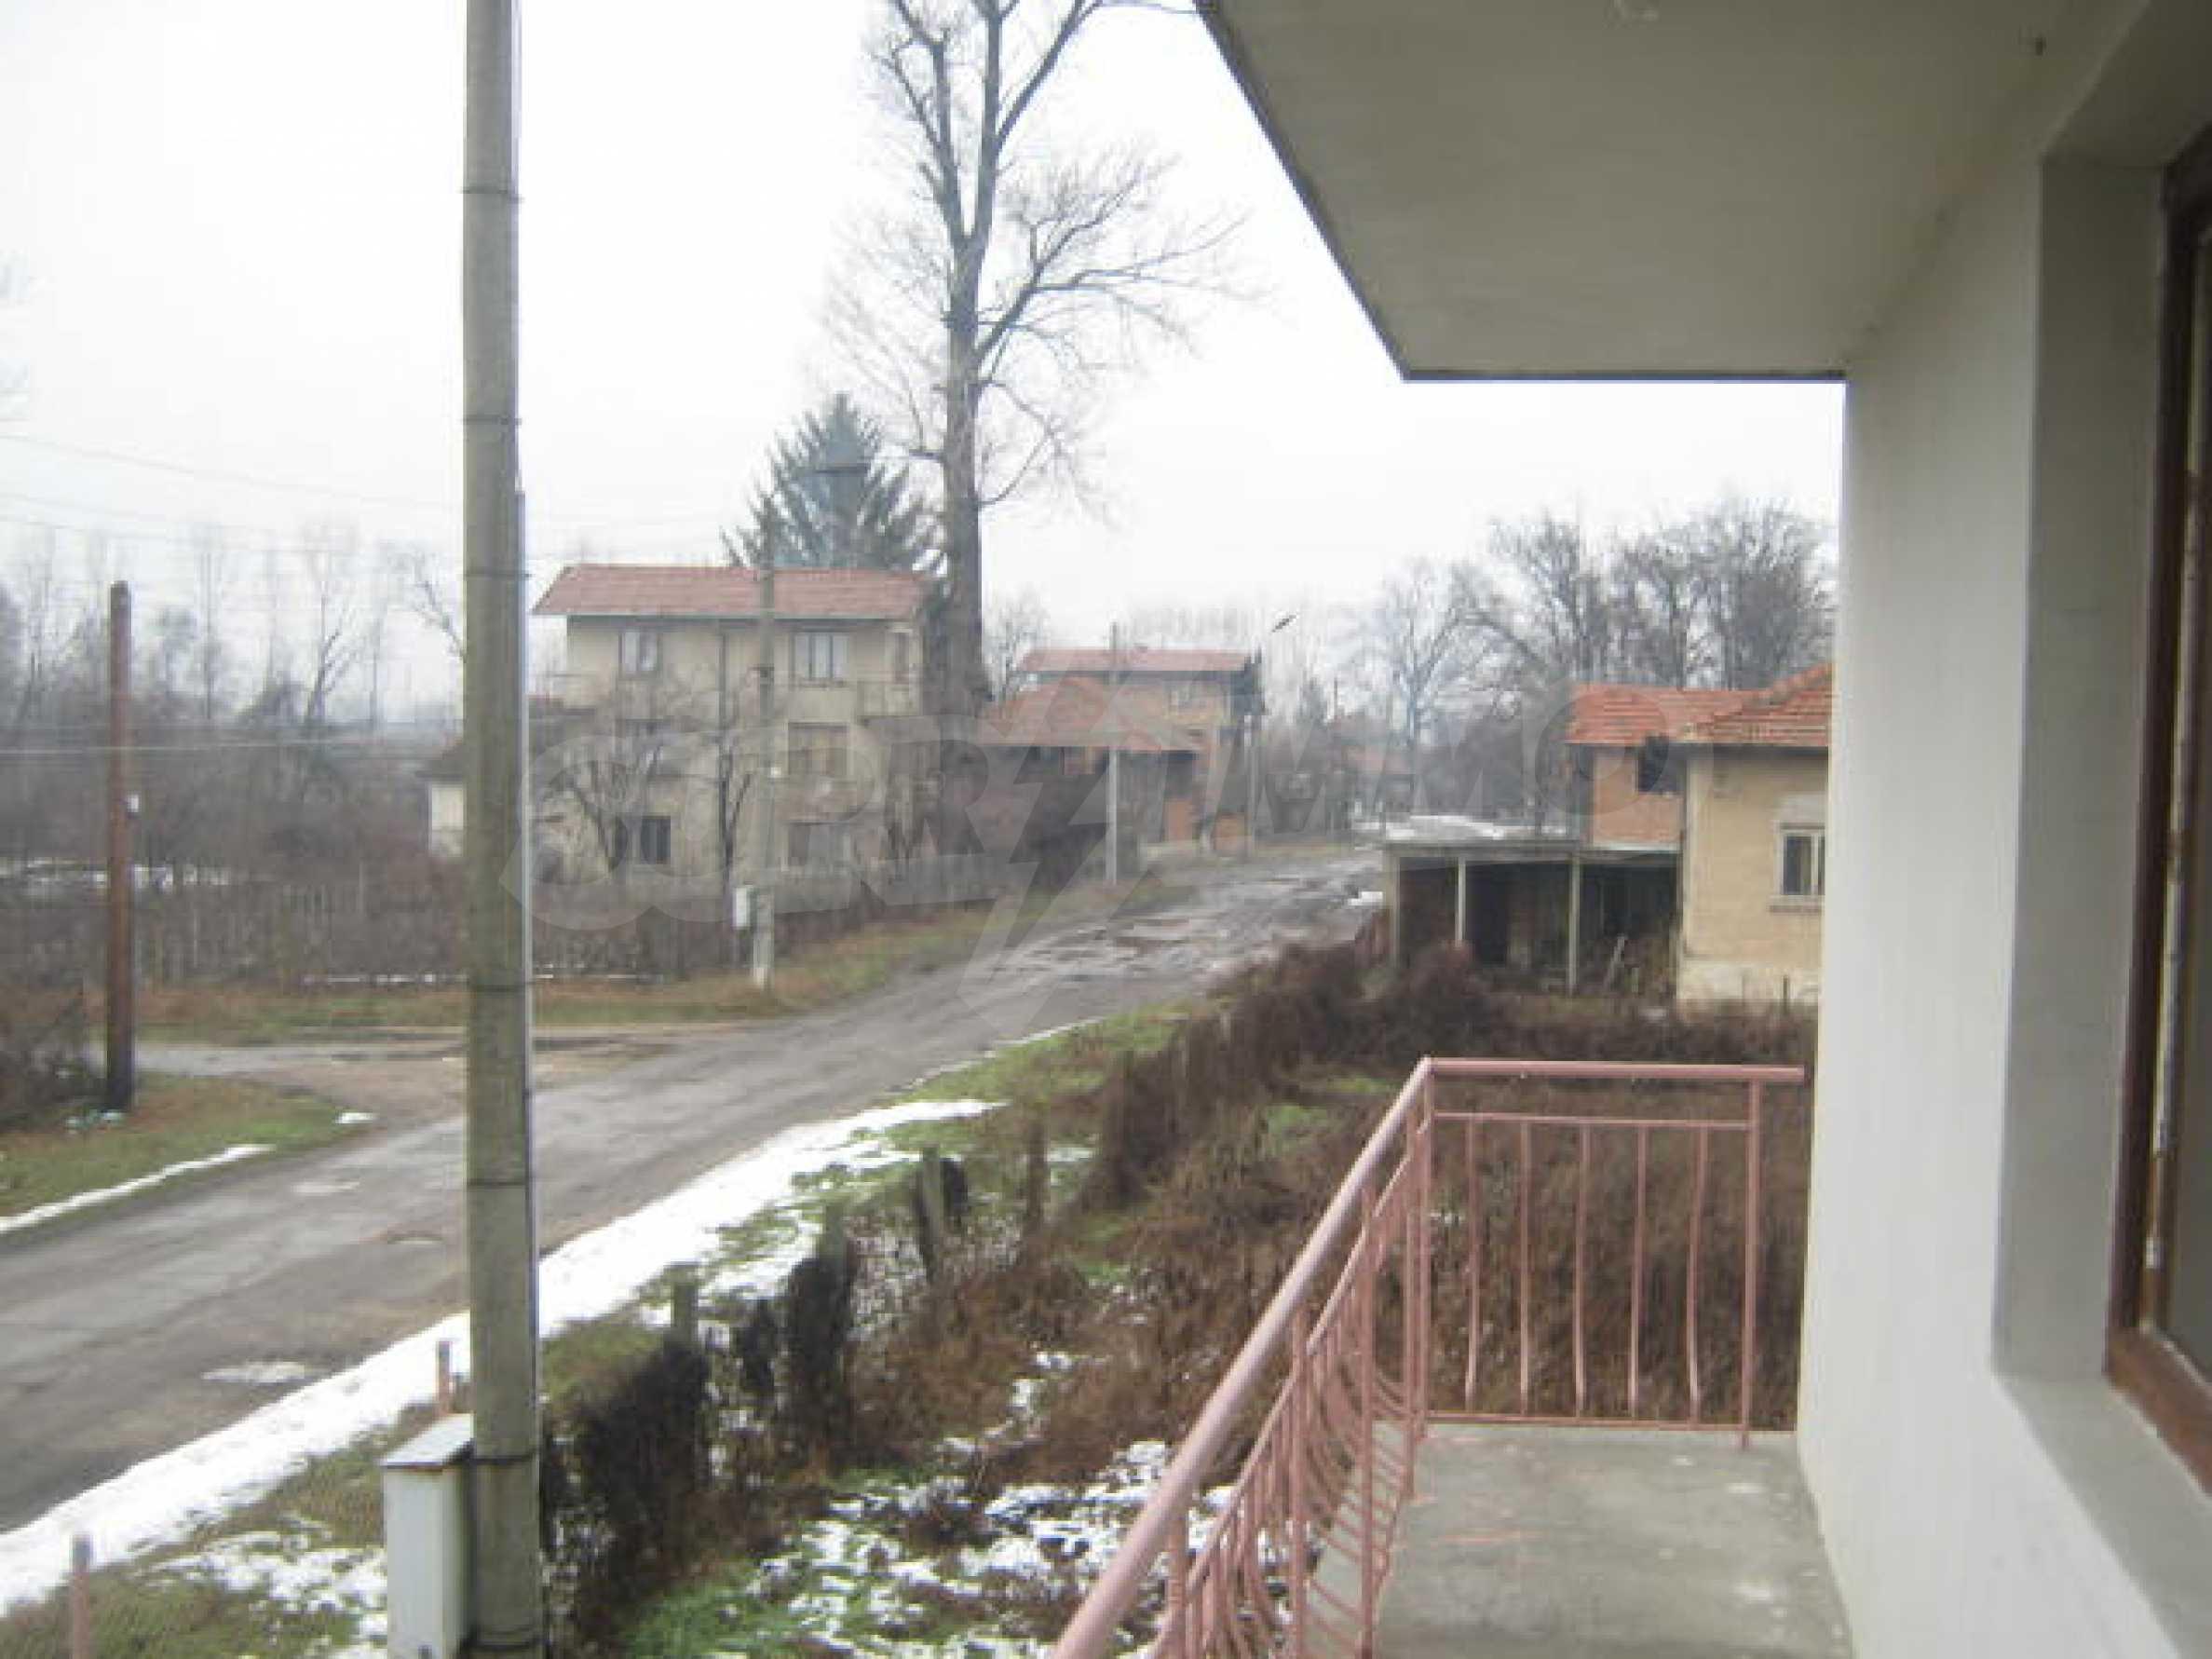 Vierstöckiges Haus mit Hof in der Nähe von der Stadt Widin 9